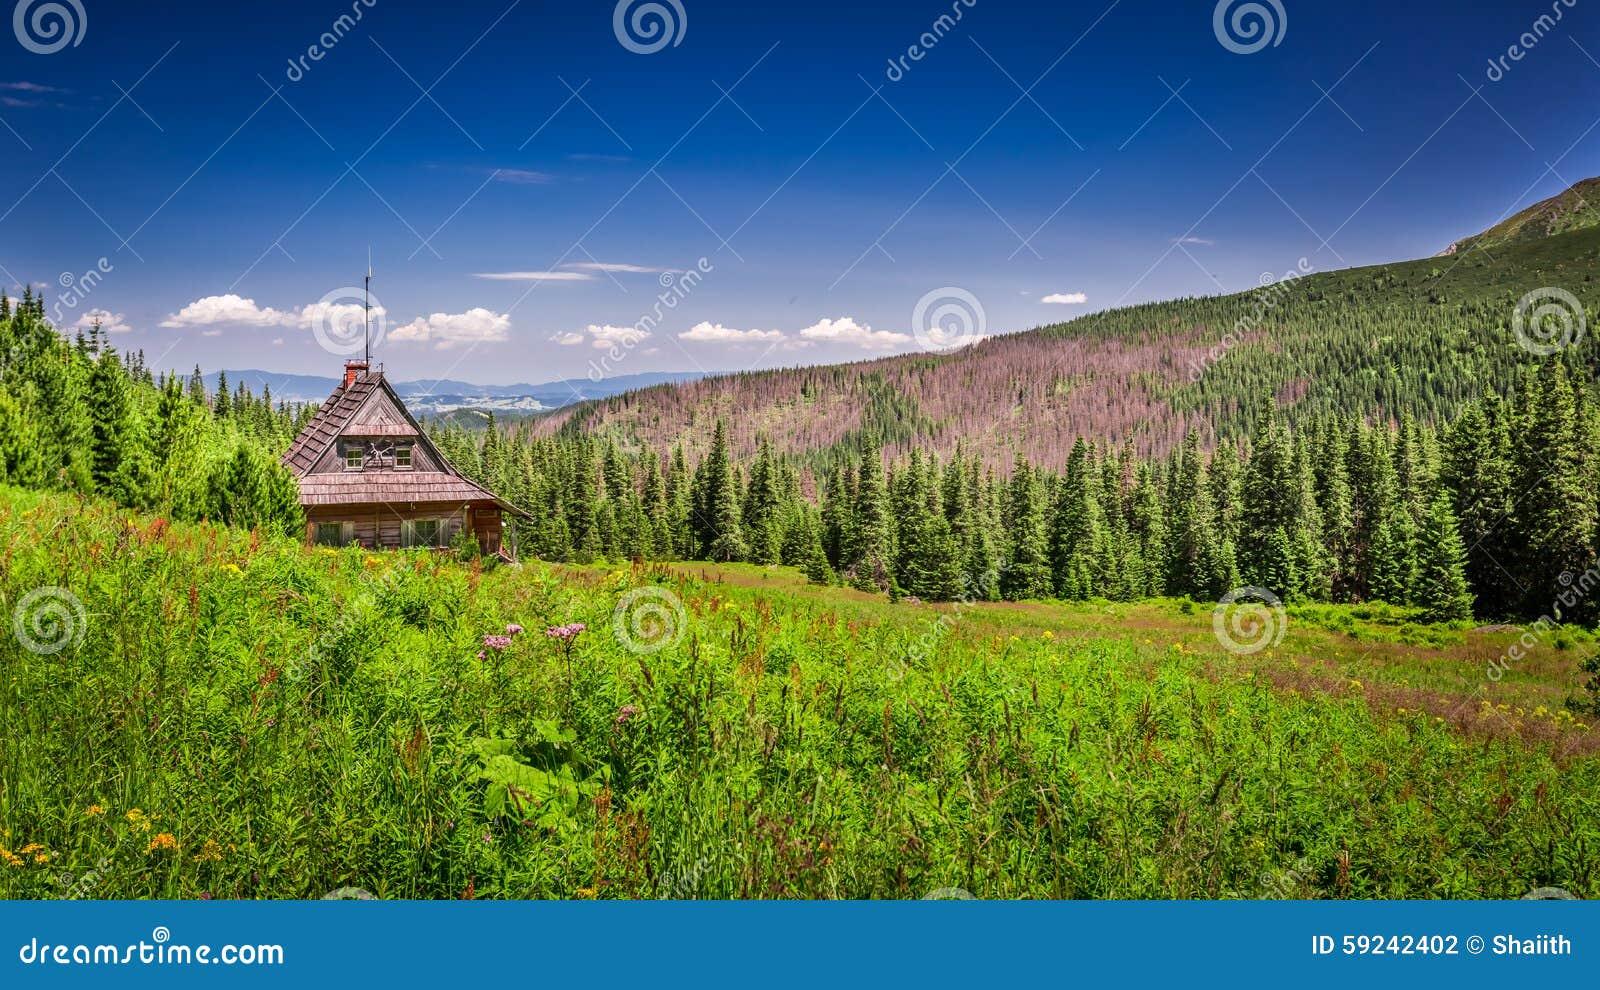 Download Cabaña En Un Valle De La Montaña Foto de archivo - Imagen de valle, verano: 59242402